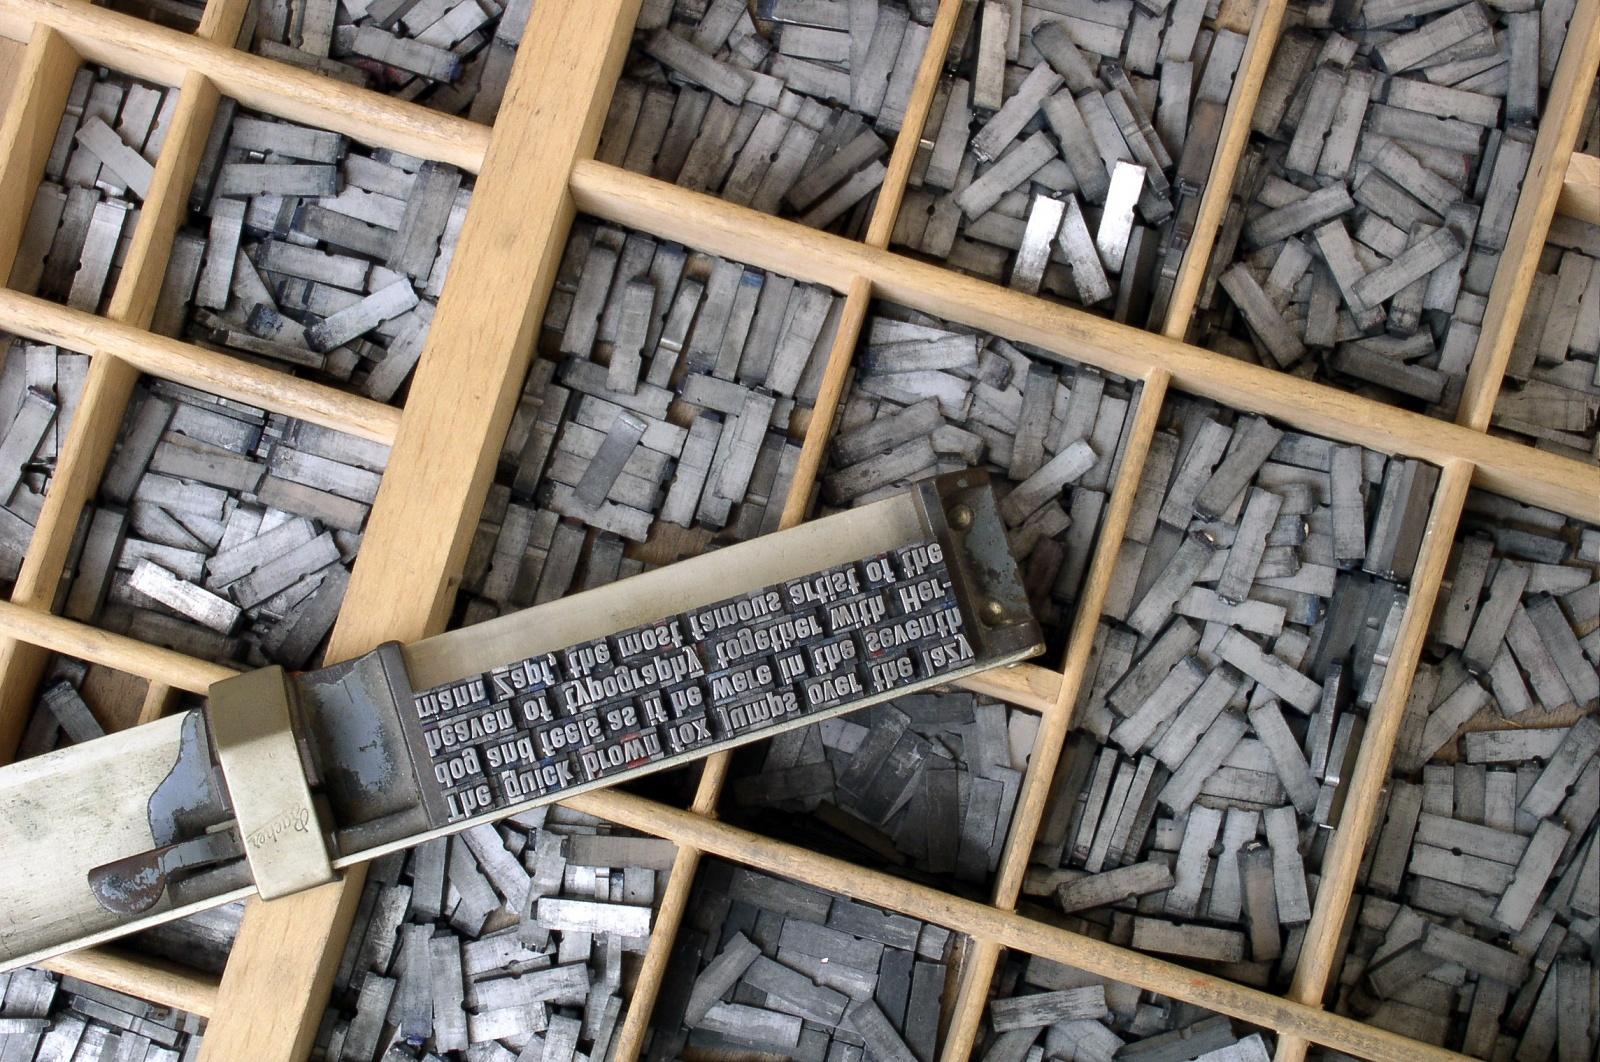 От кипящего свинца до компьютеров: история математической типографики - 3